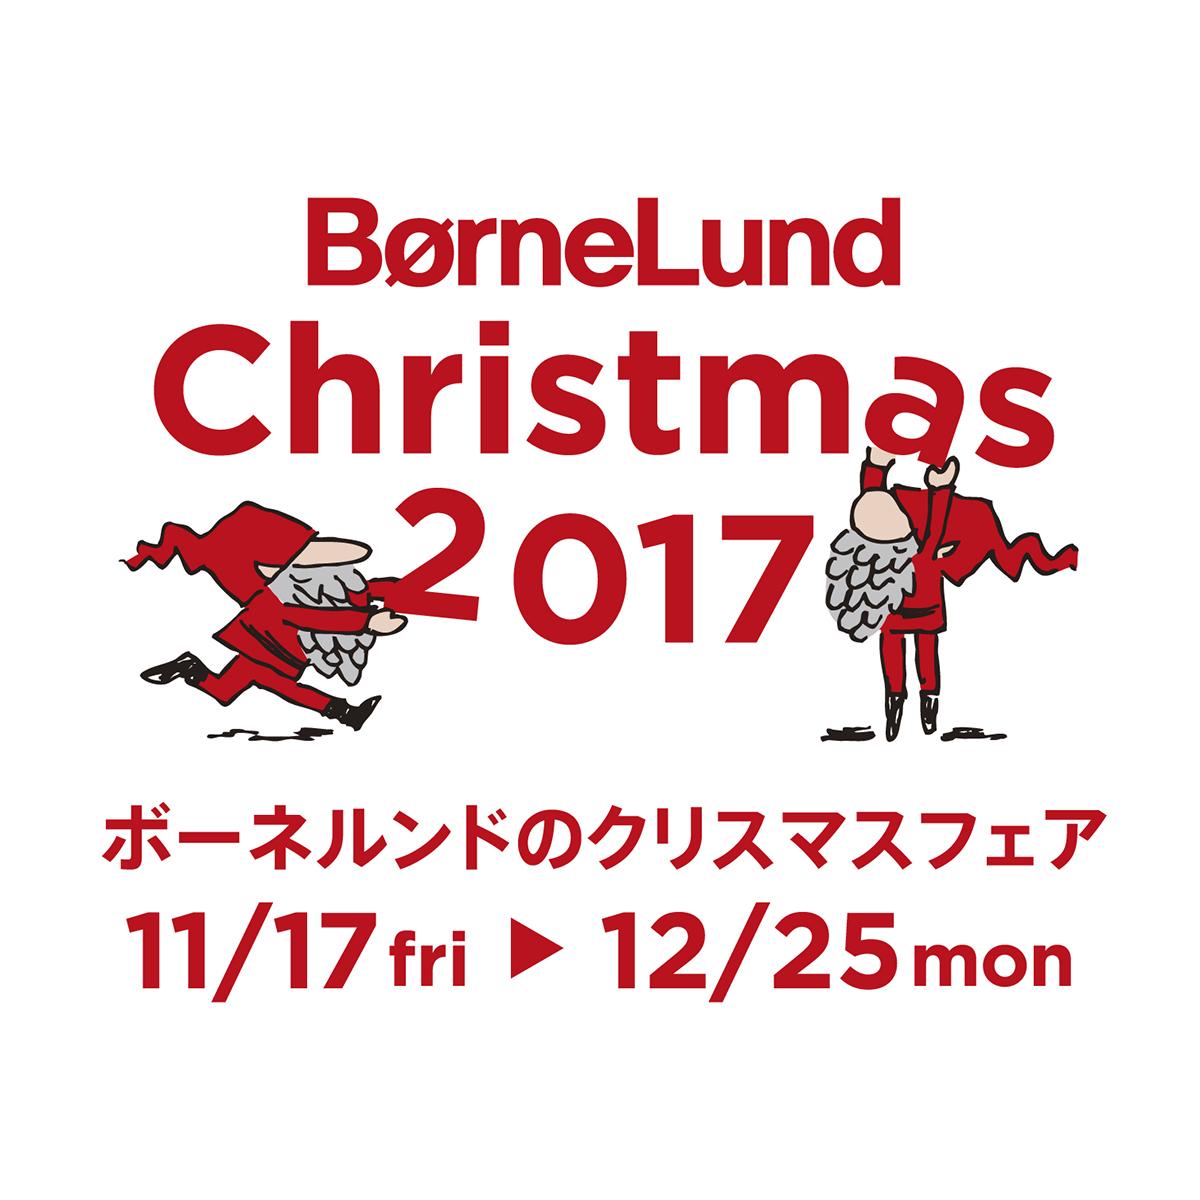 ボーネルンド クリスマスフェアのお知らせ